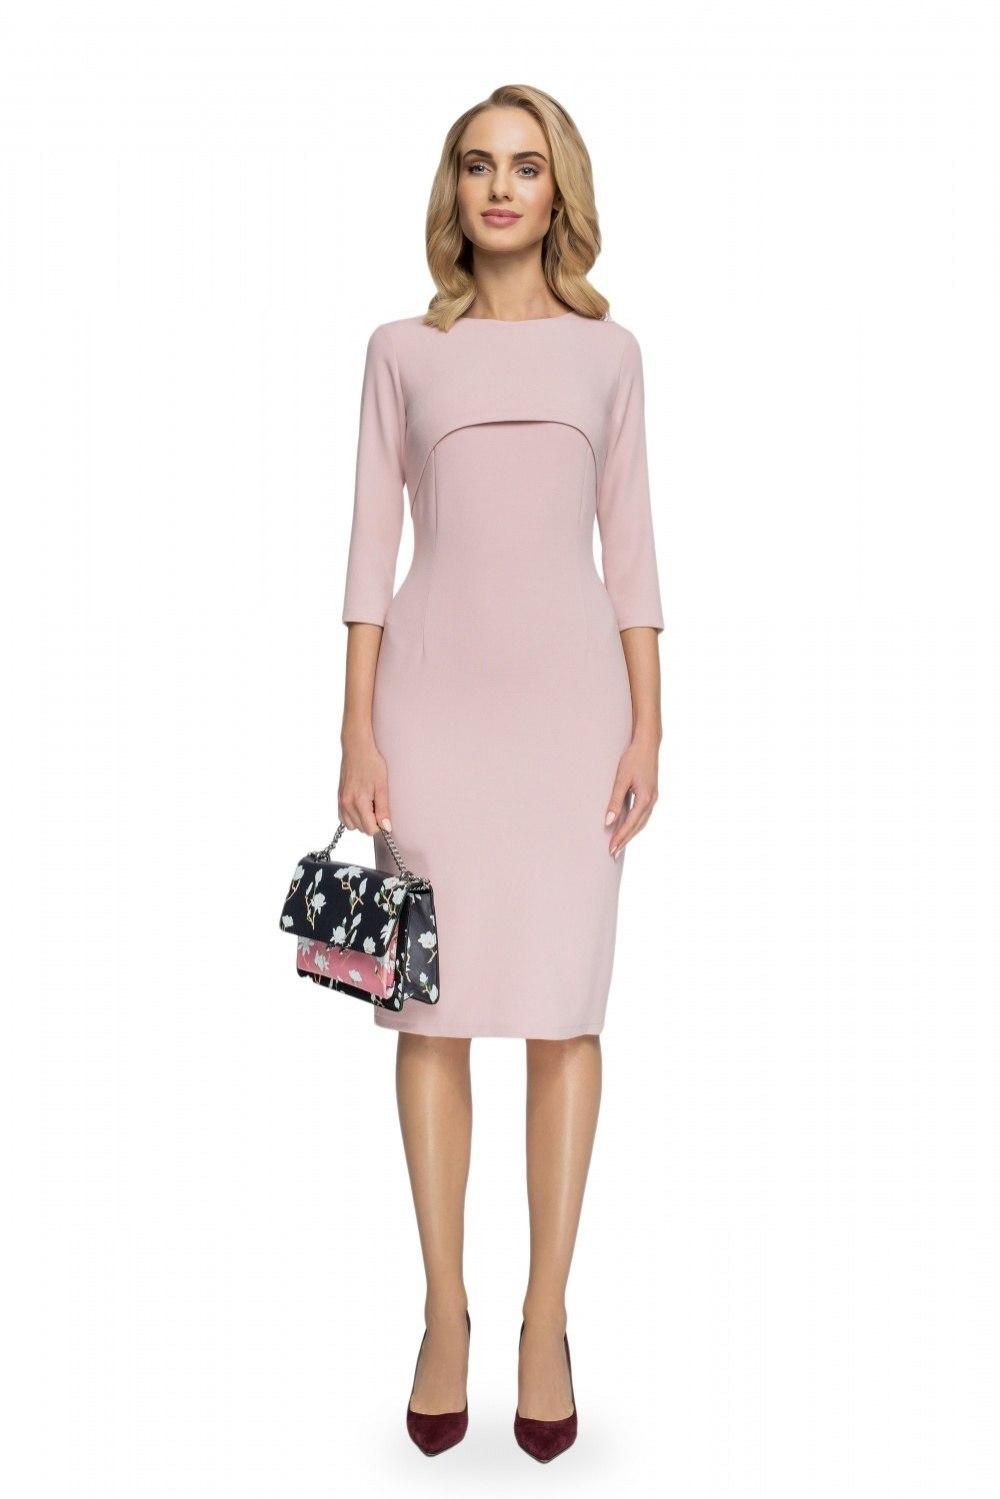 f55d439537389f Sukienka Model S075 Powder Pink - 7213271683 - oficjalne archiwum ...